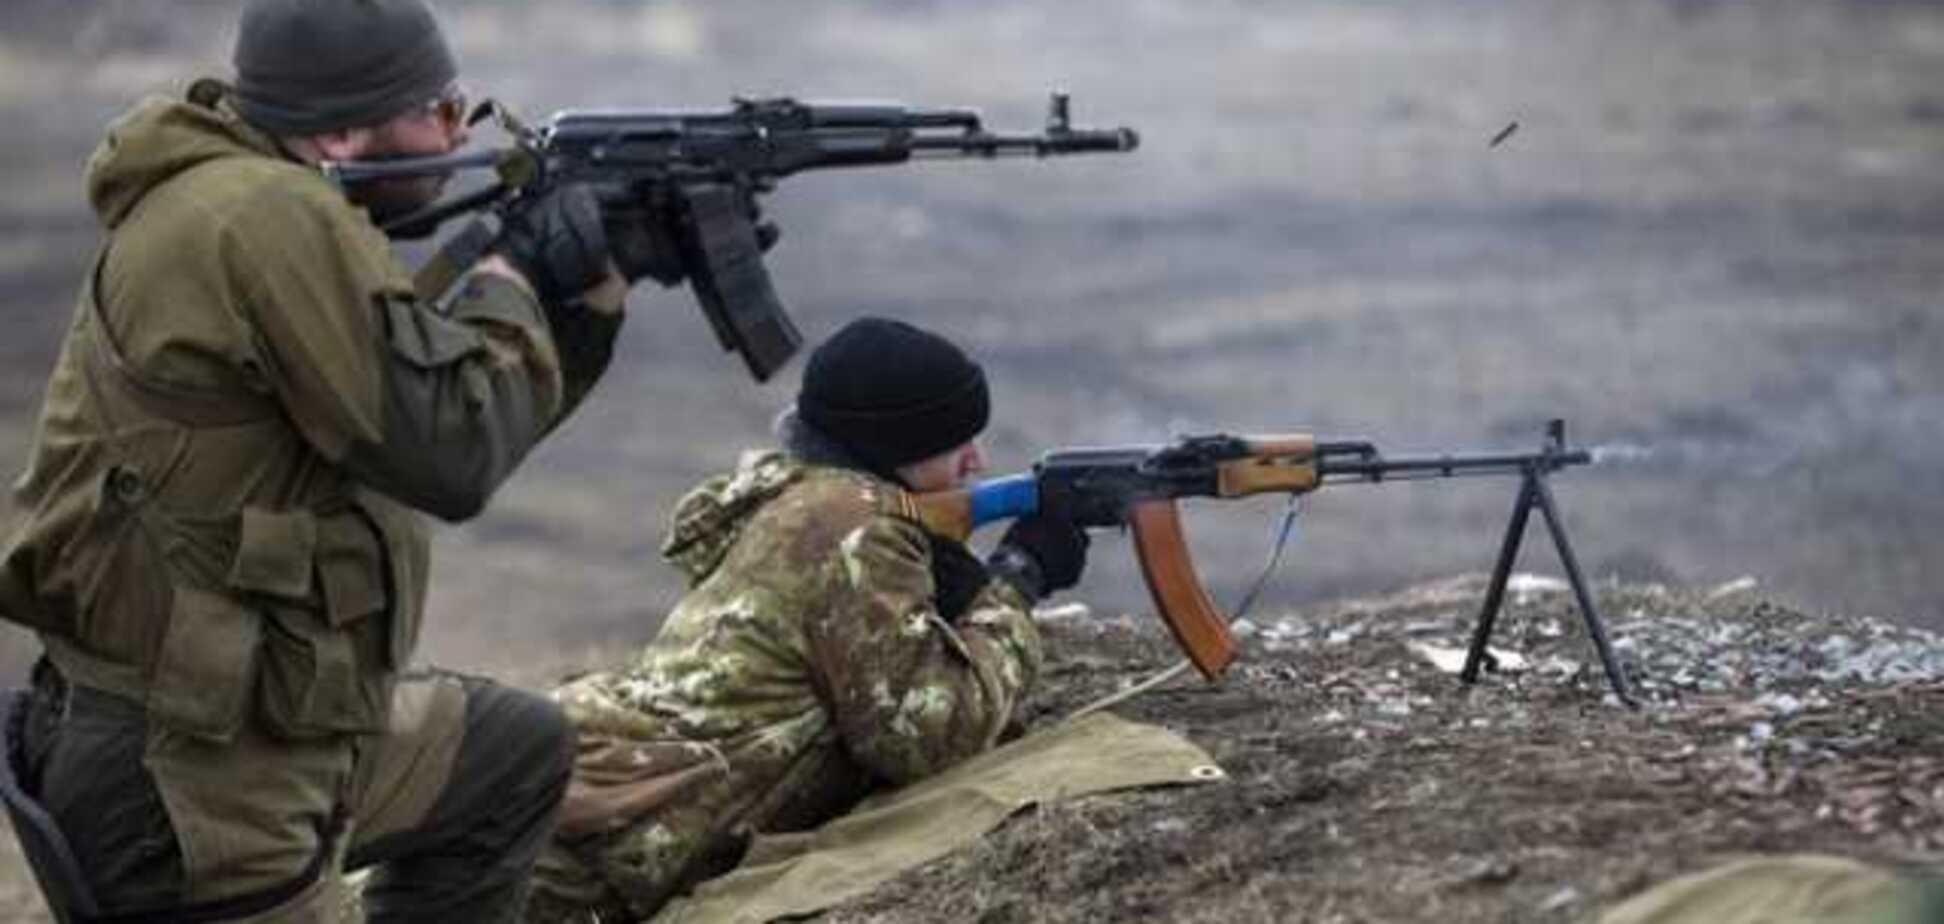 Выжигает глаза: террористы применили на Донбассе страшное оружие